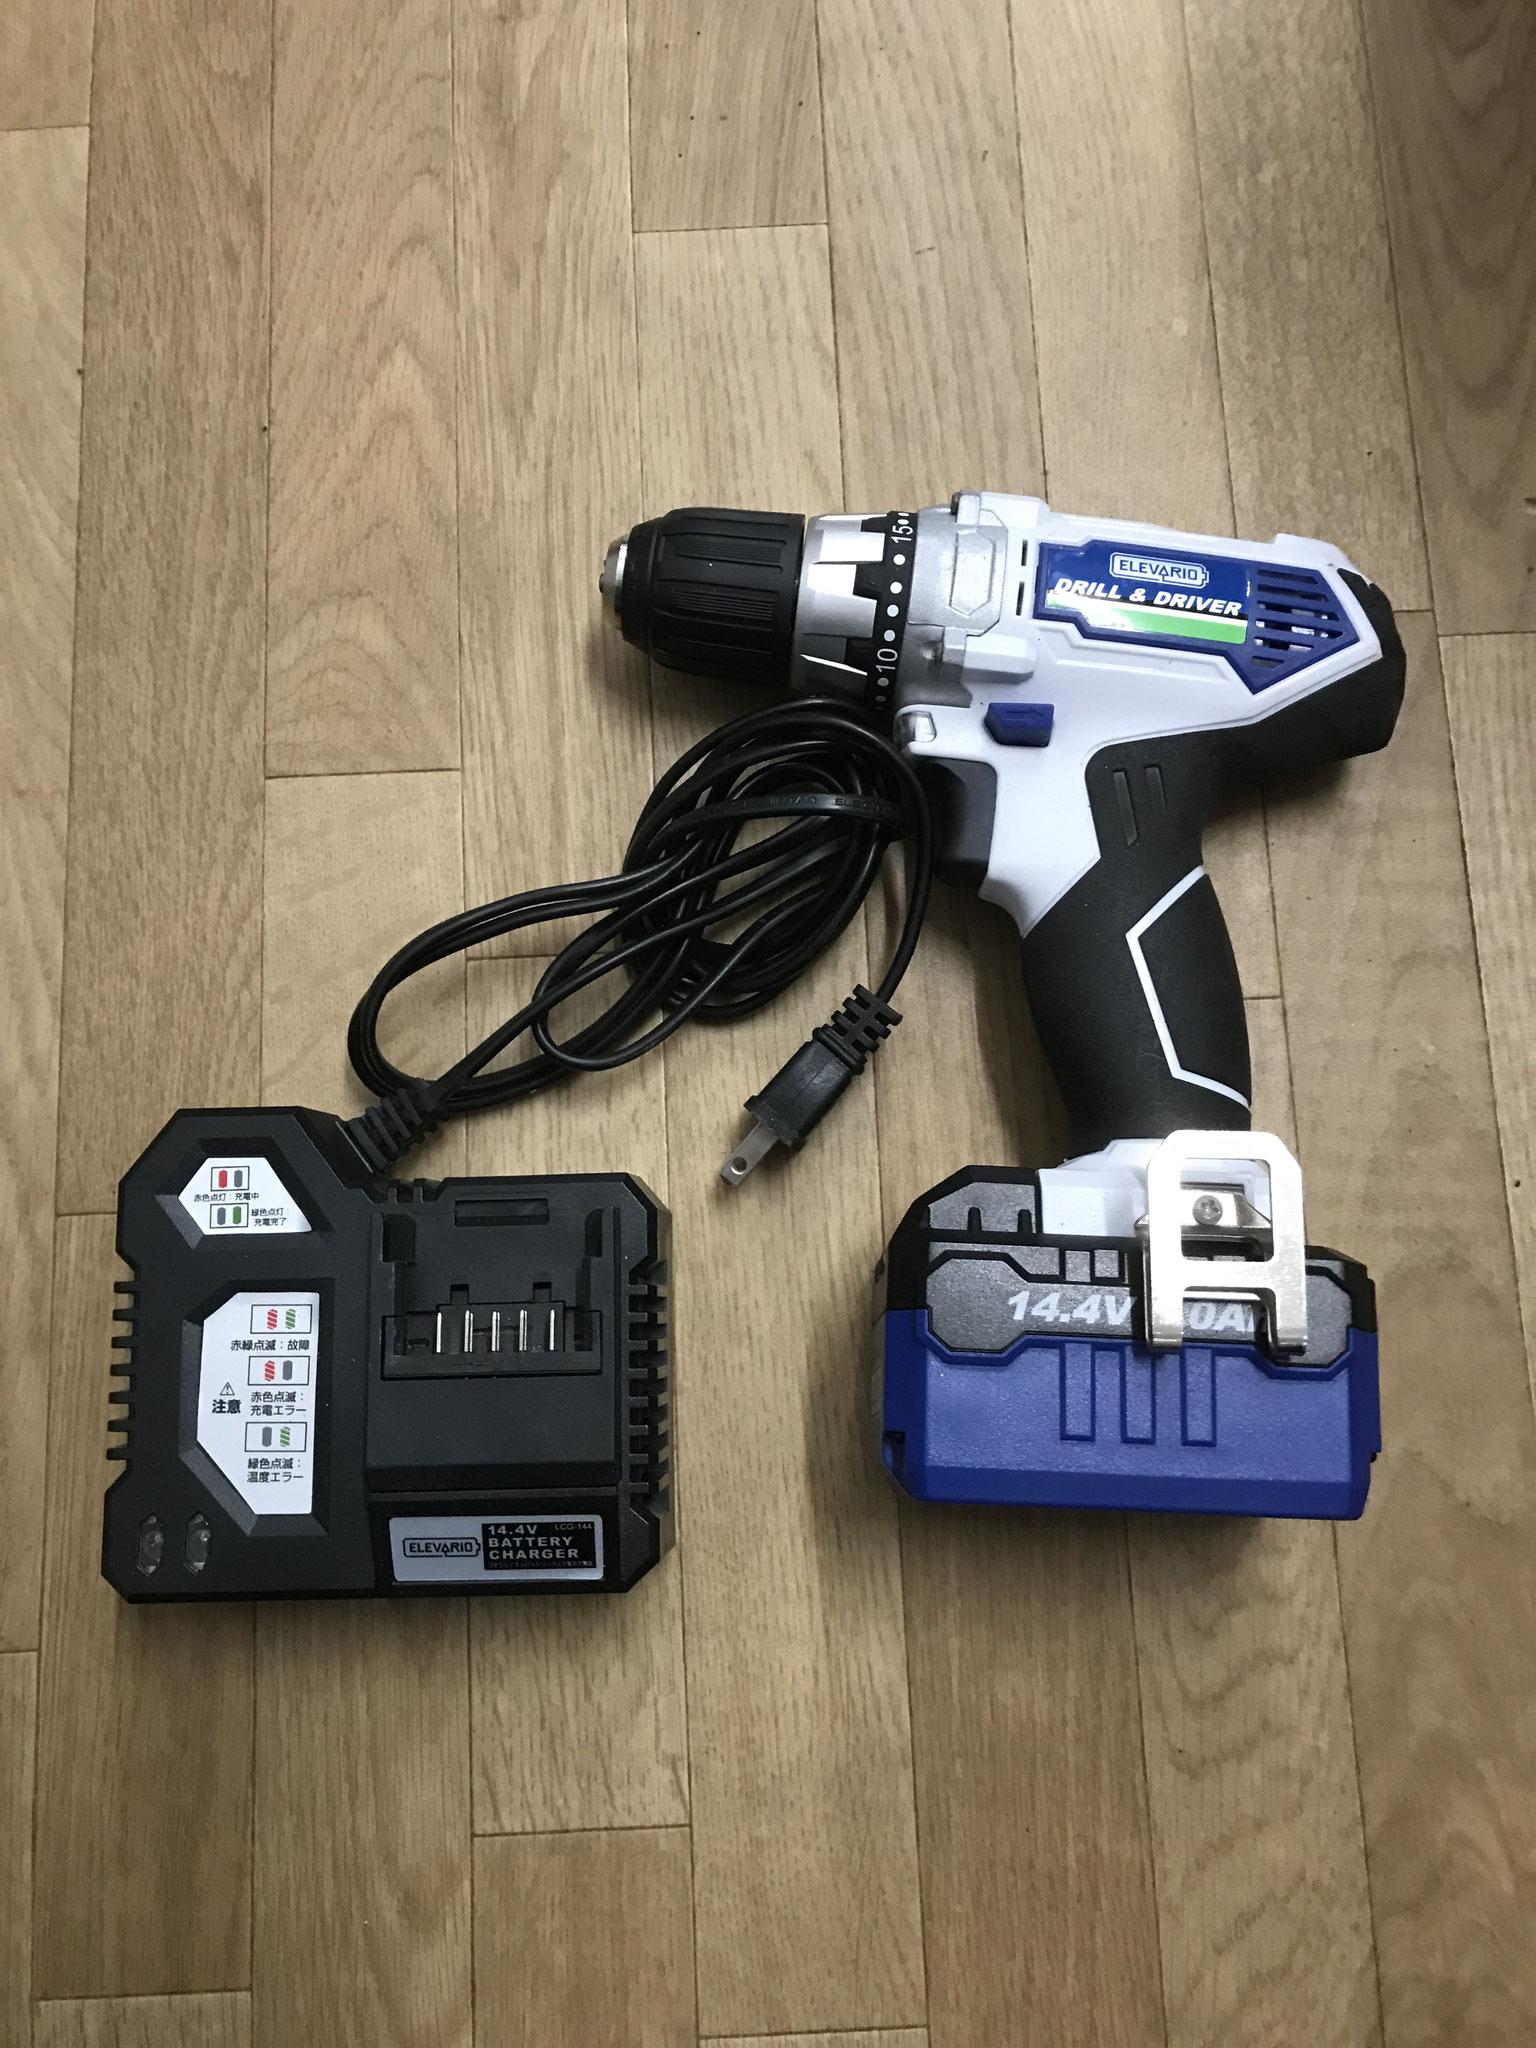 エレバリオ 本体+充電器 買取価格1000円